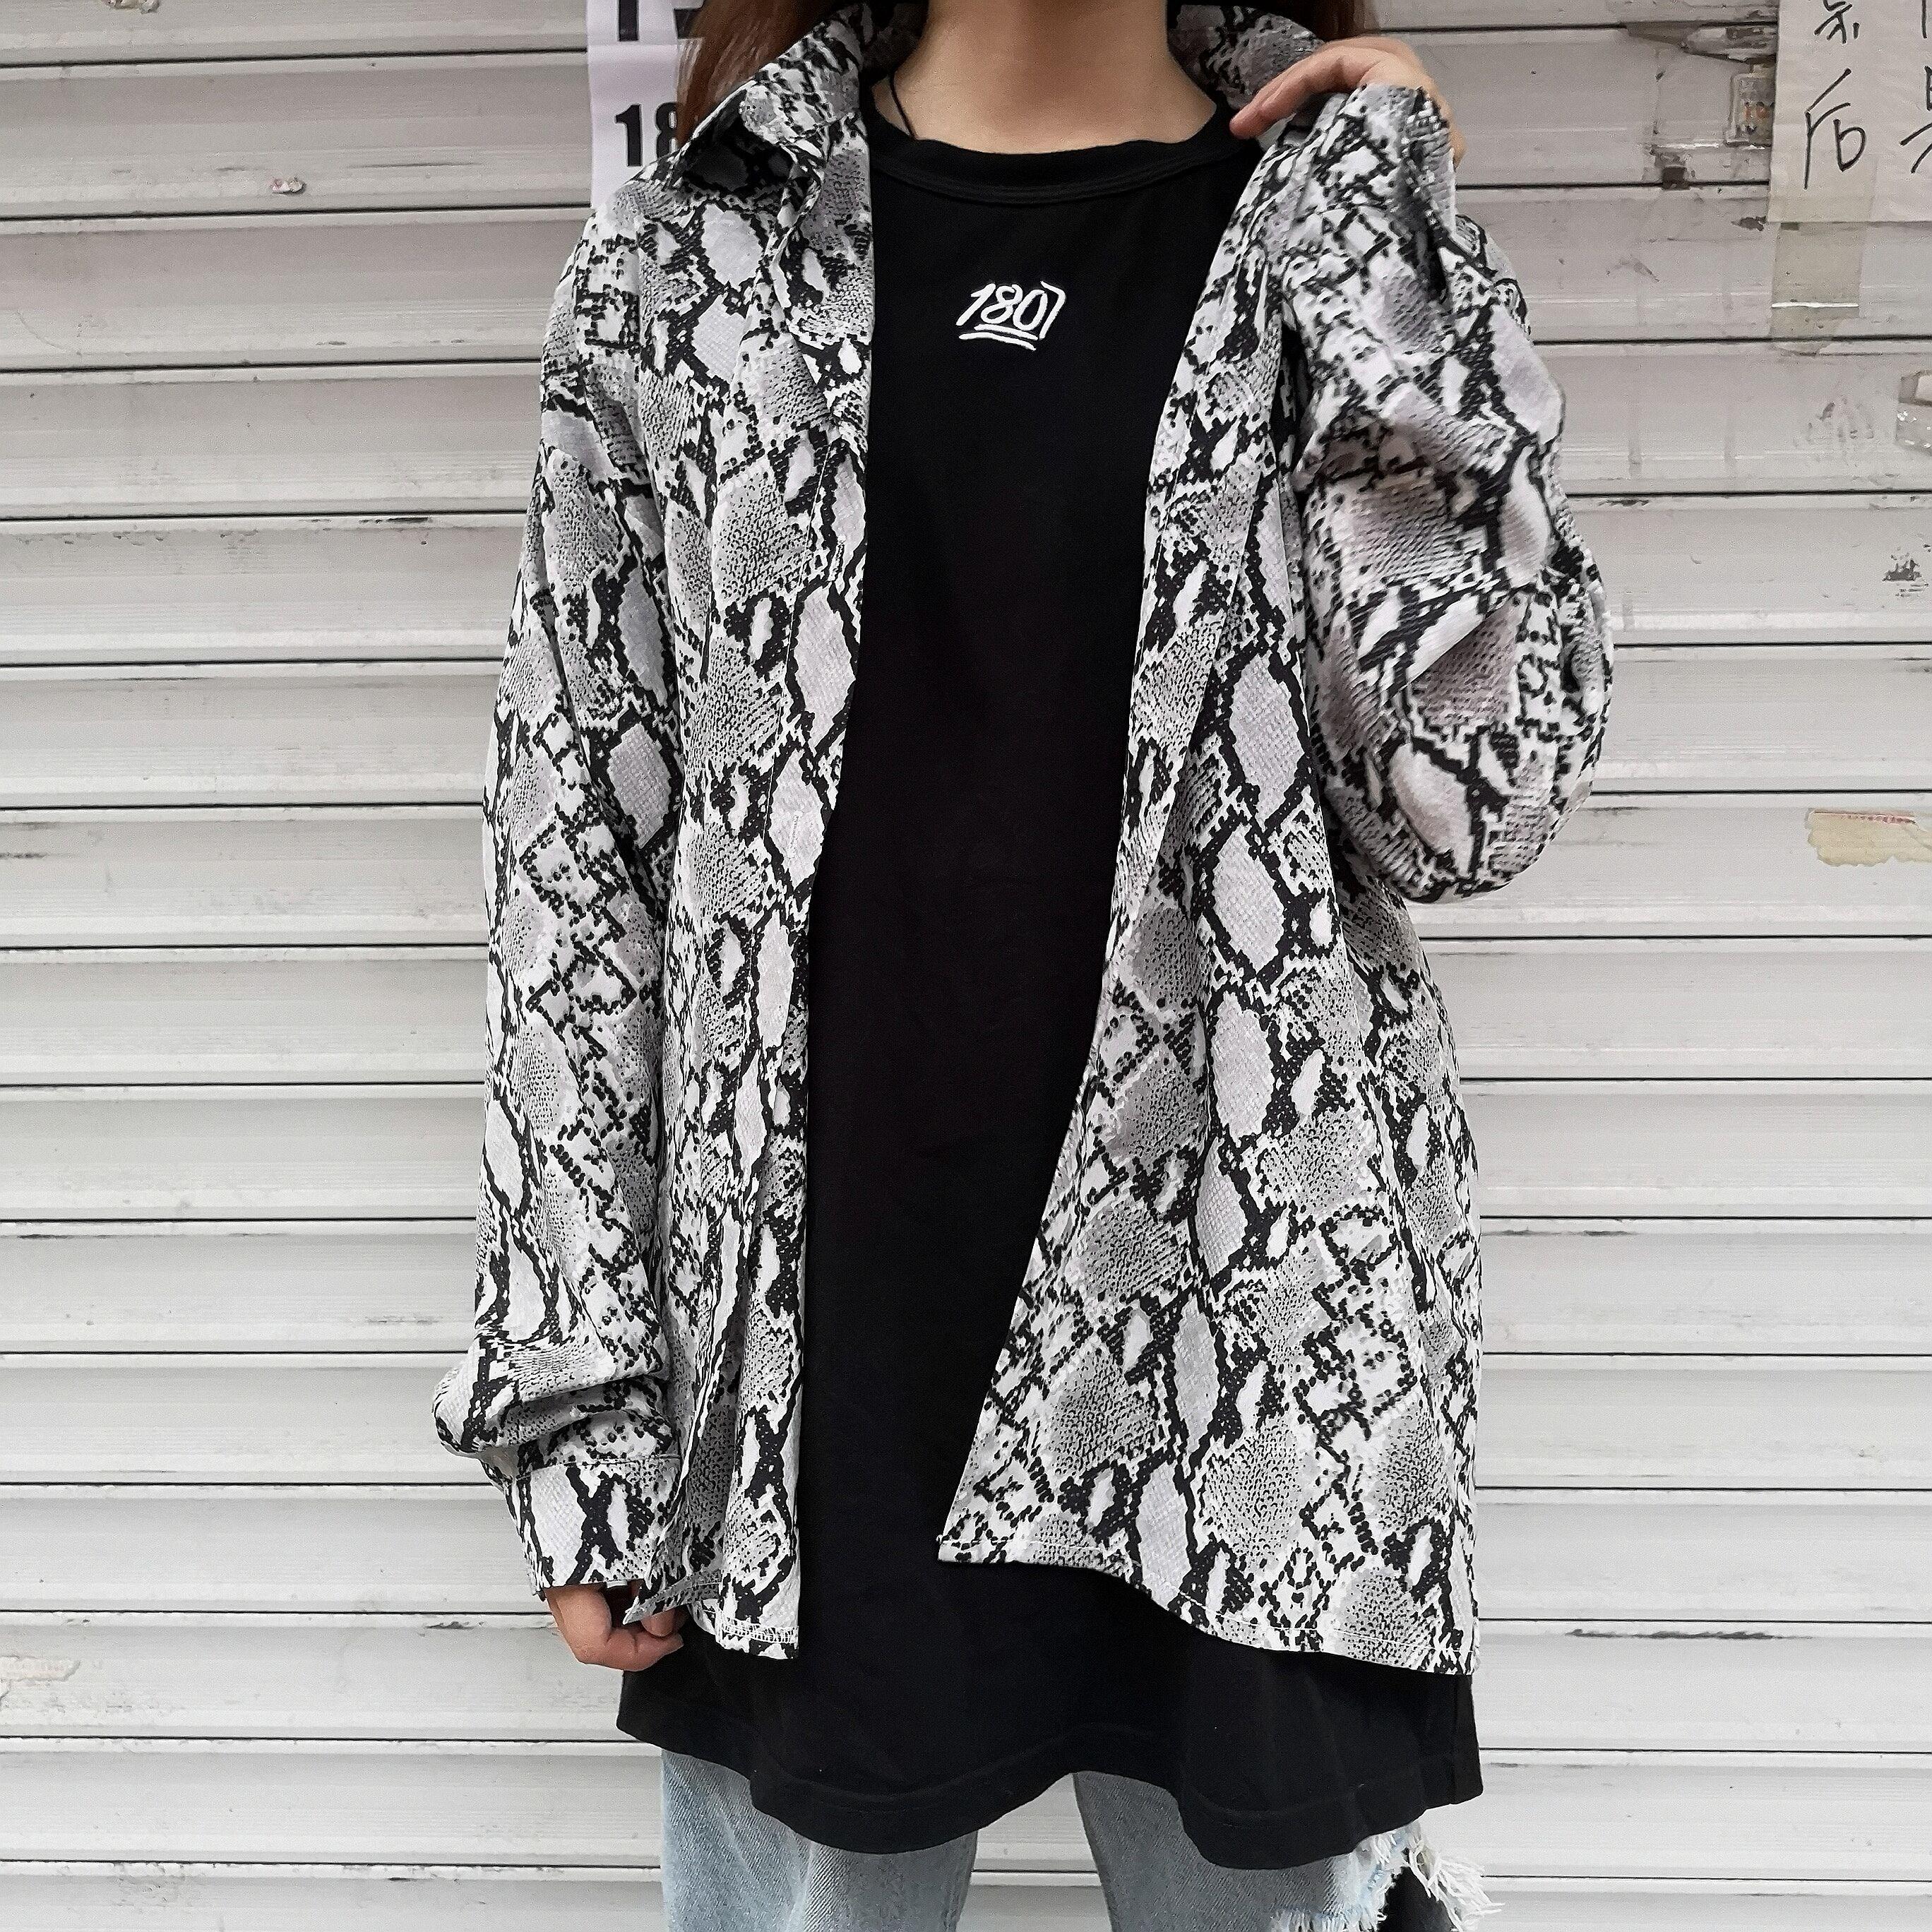 衬衫女韩版ins原宿风设计感小众复古蛇纹宽松休闲长袖上衣外套潮